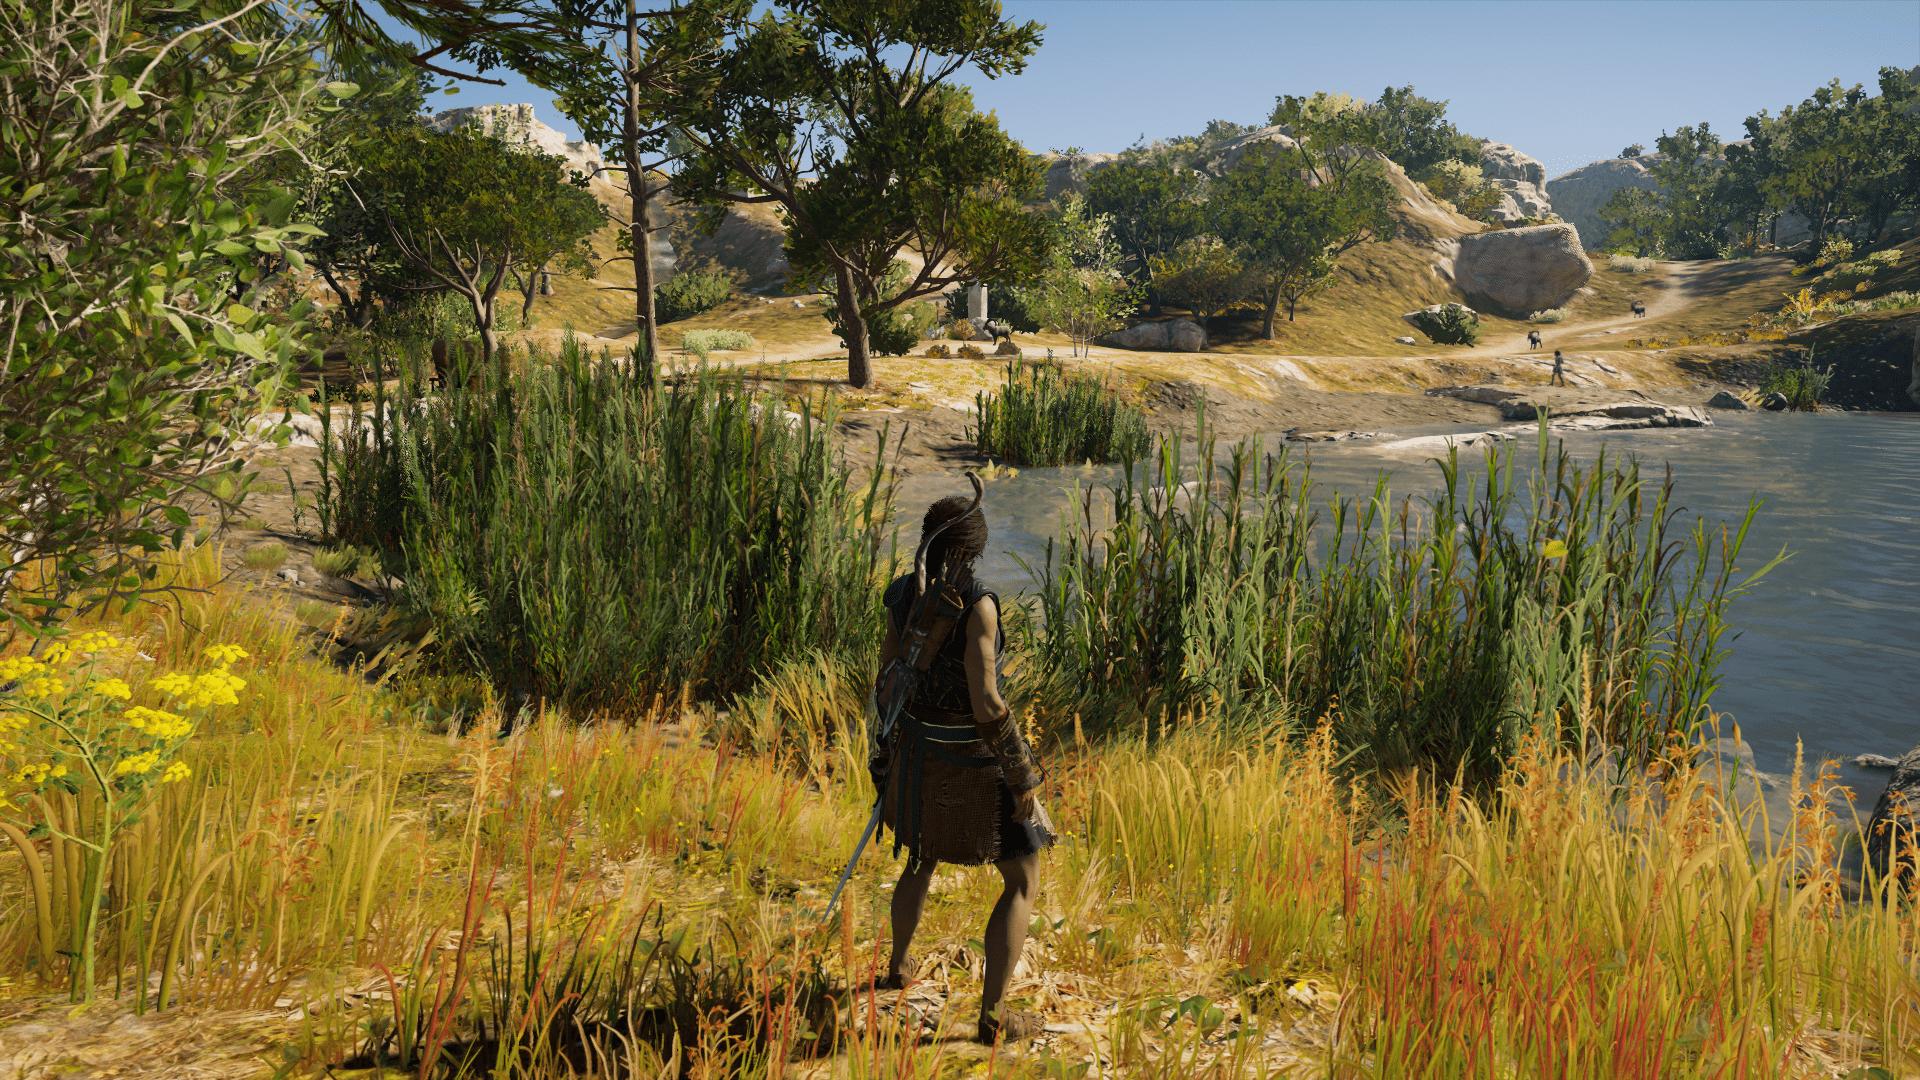 2MoltoAlto 1 - Assassin's Creed Odyssey - Recensione come gira su PC